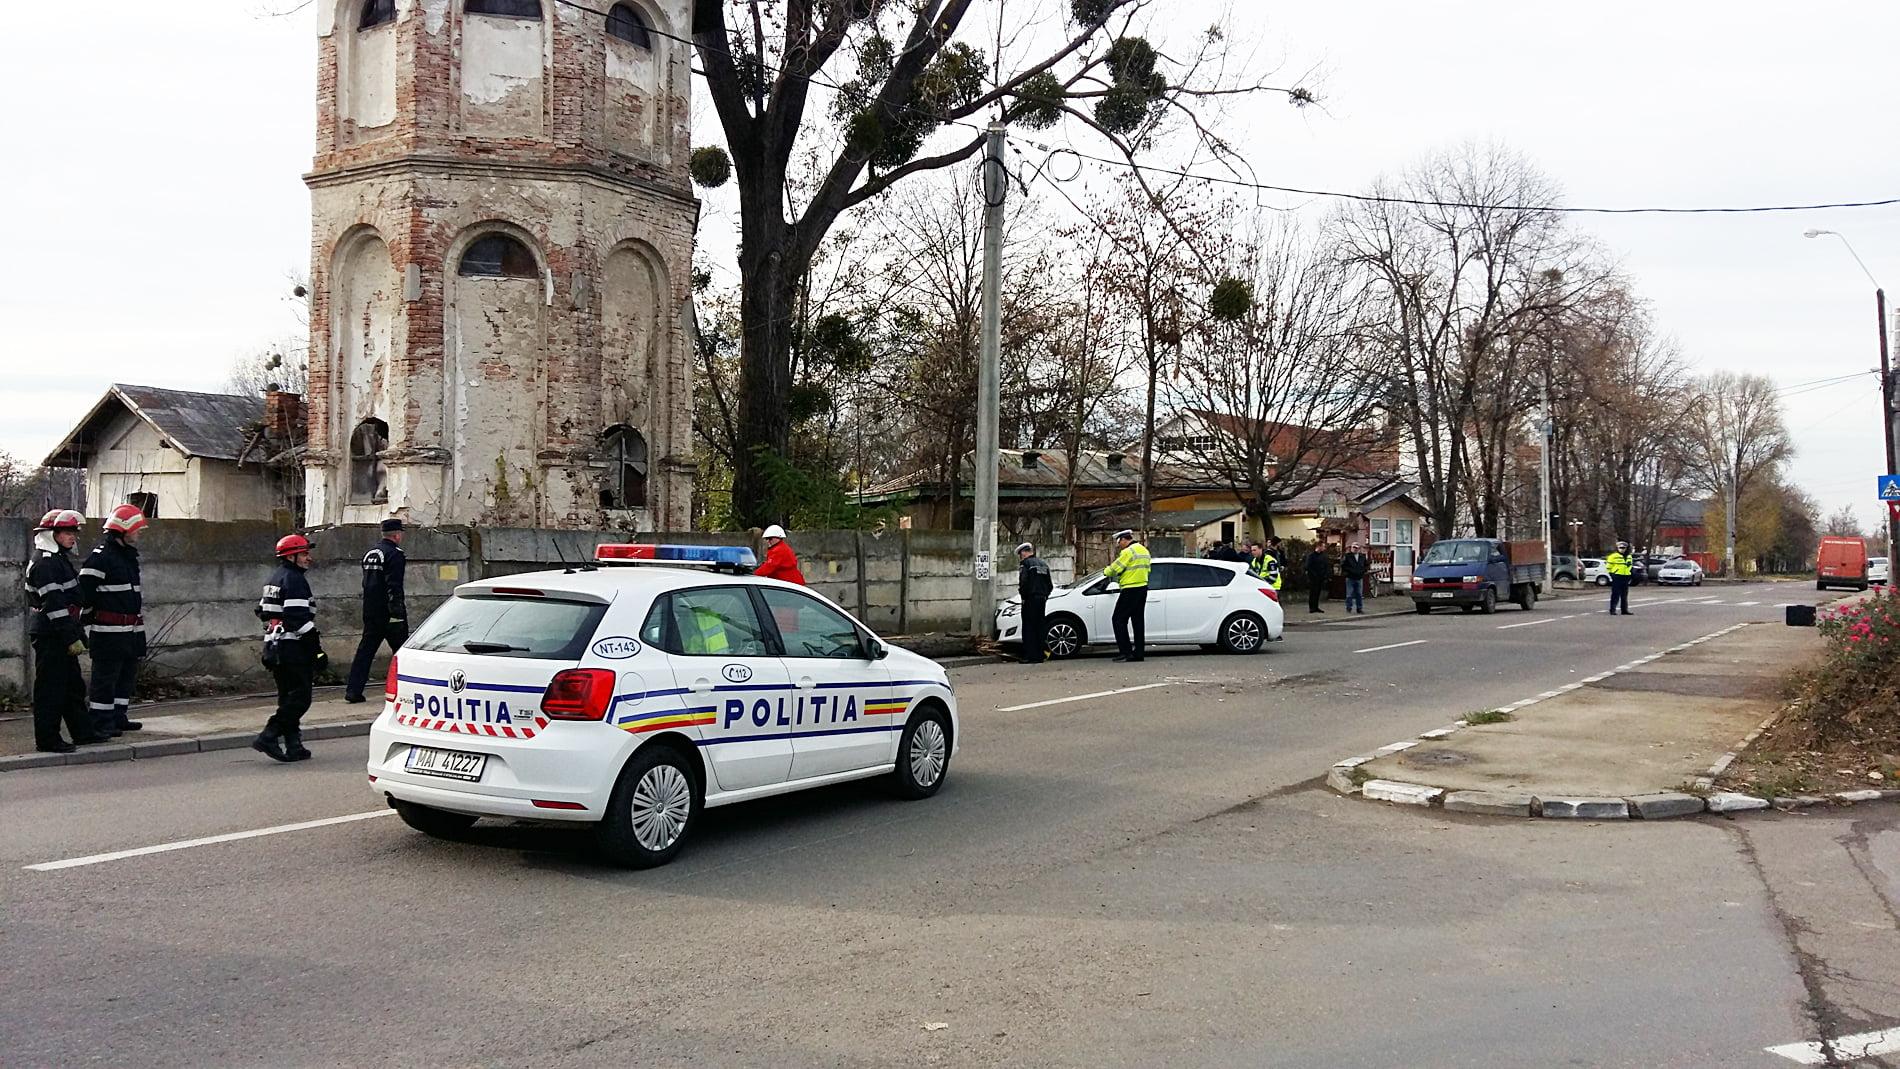 Stâlp rupt în urma unui accident rutier, pe strada Dumitru Mărtinaș